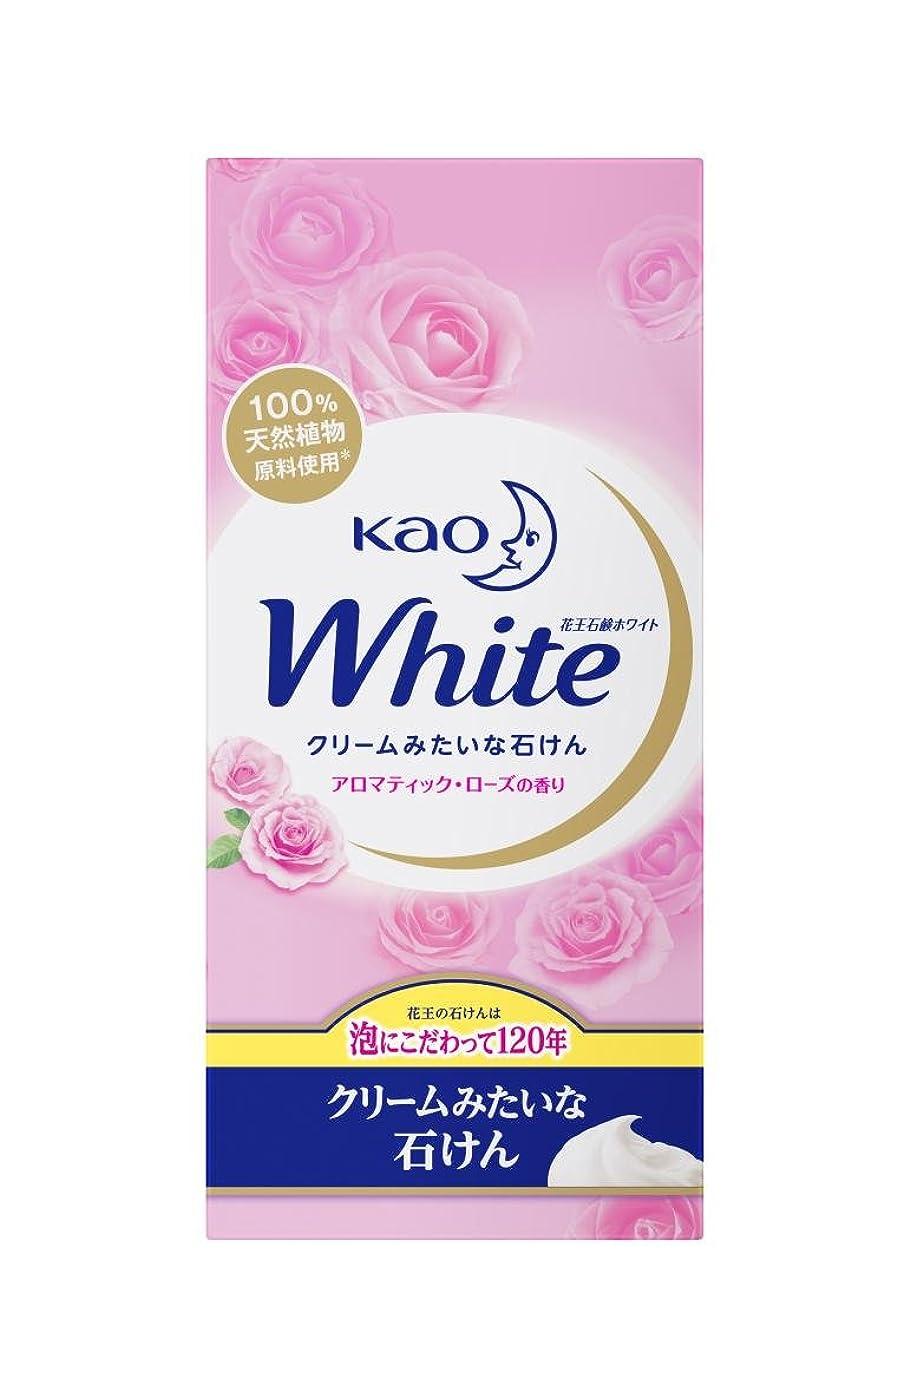 ではごきげんよう戦争顎花王ホワイト アロマティックローズの香り 普通サイズ 6コパック